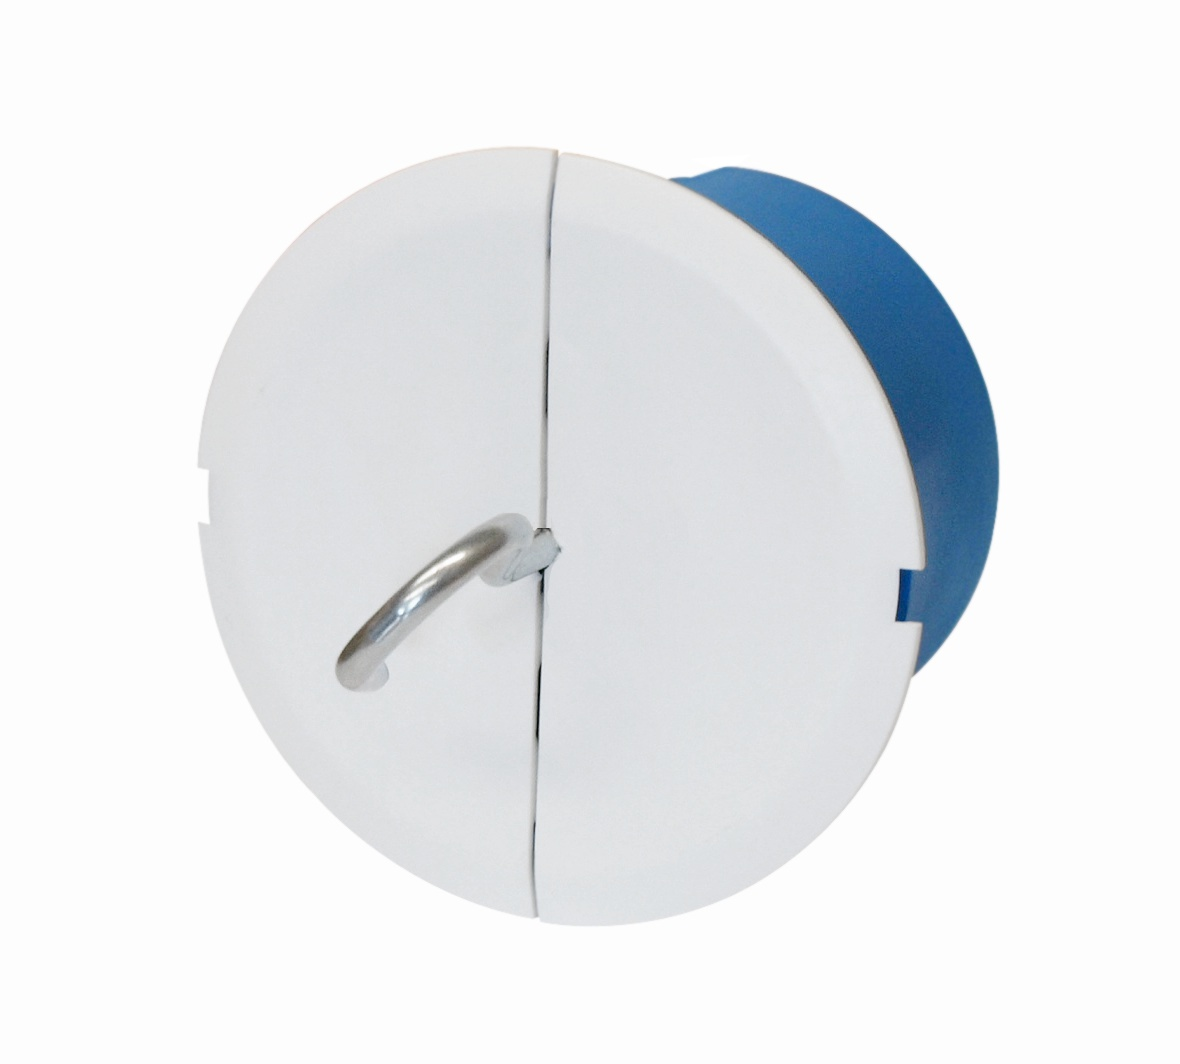 100 Stk Deckenleuchtendose f.Zwischendecken+Haken+M6, bis 25kg, blau GTDUD850--